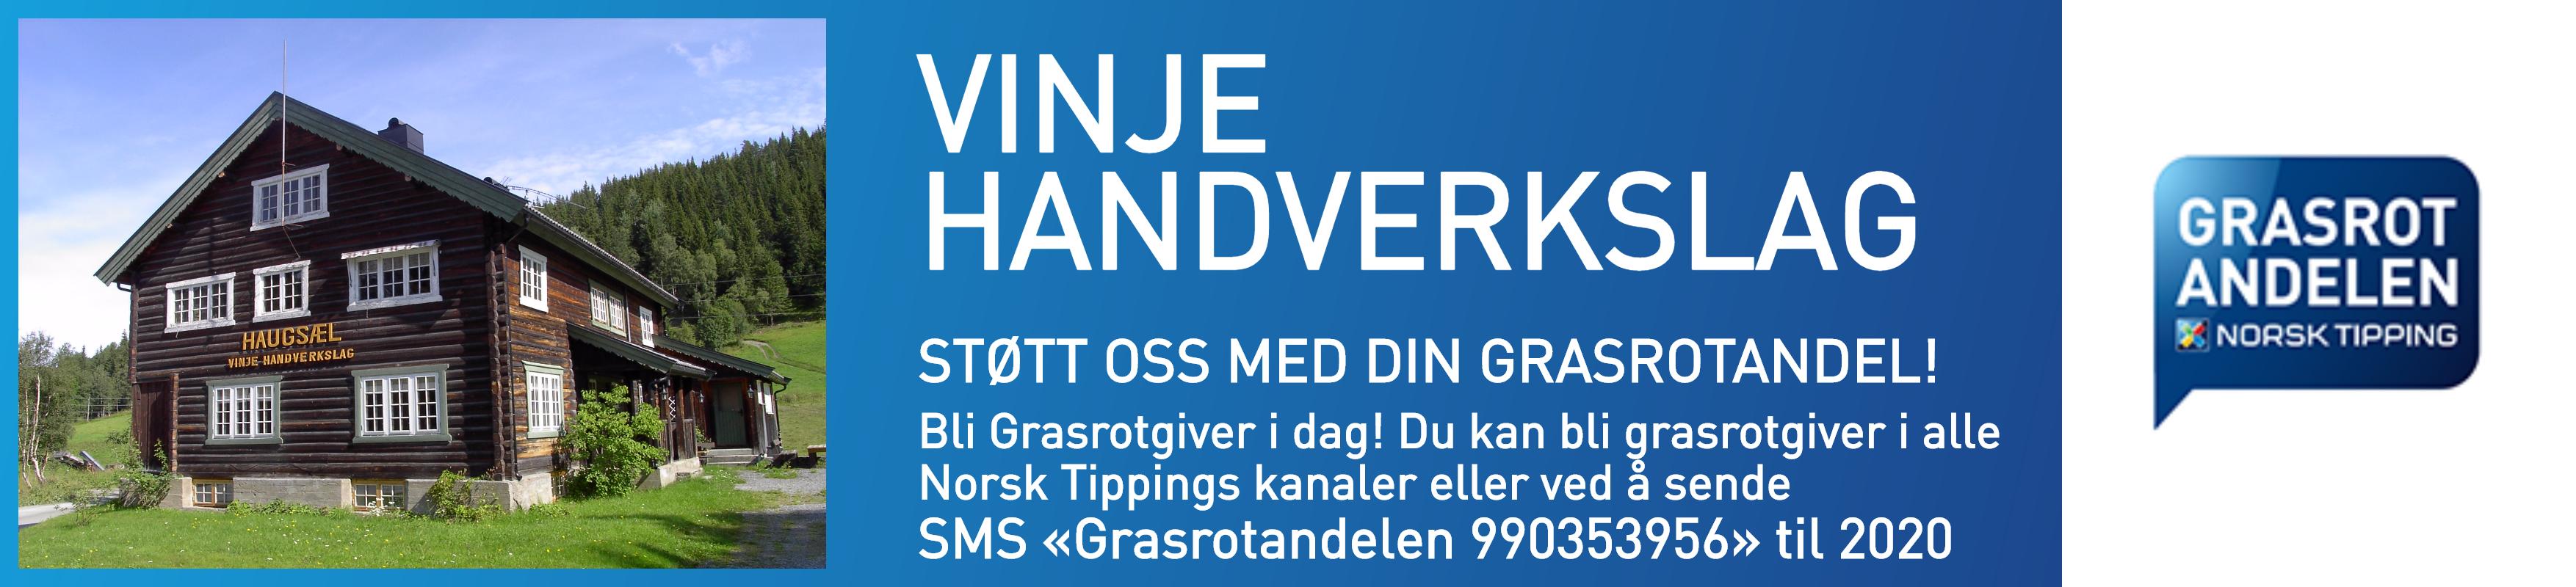 Grasrot Plakat Liggende (1)